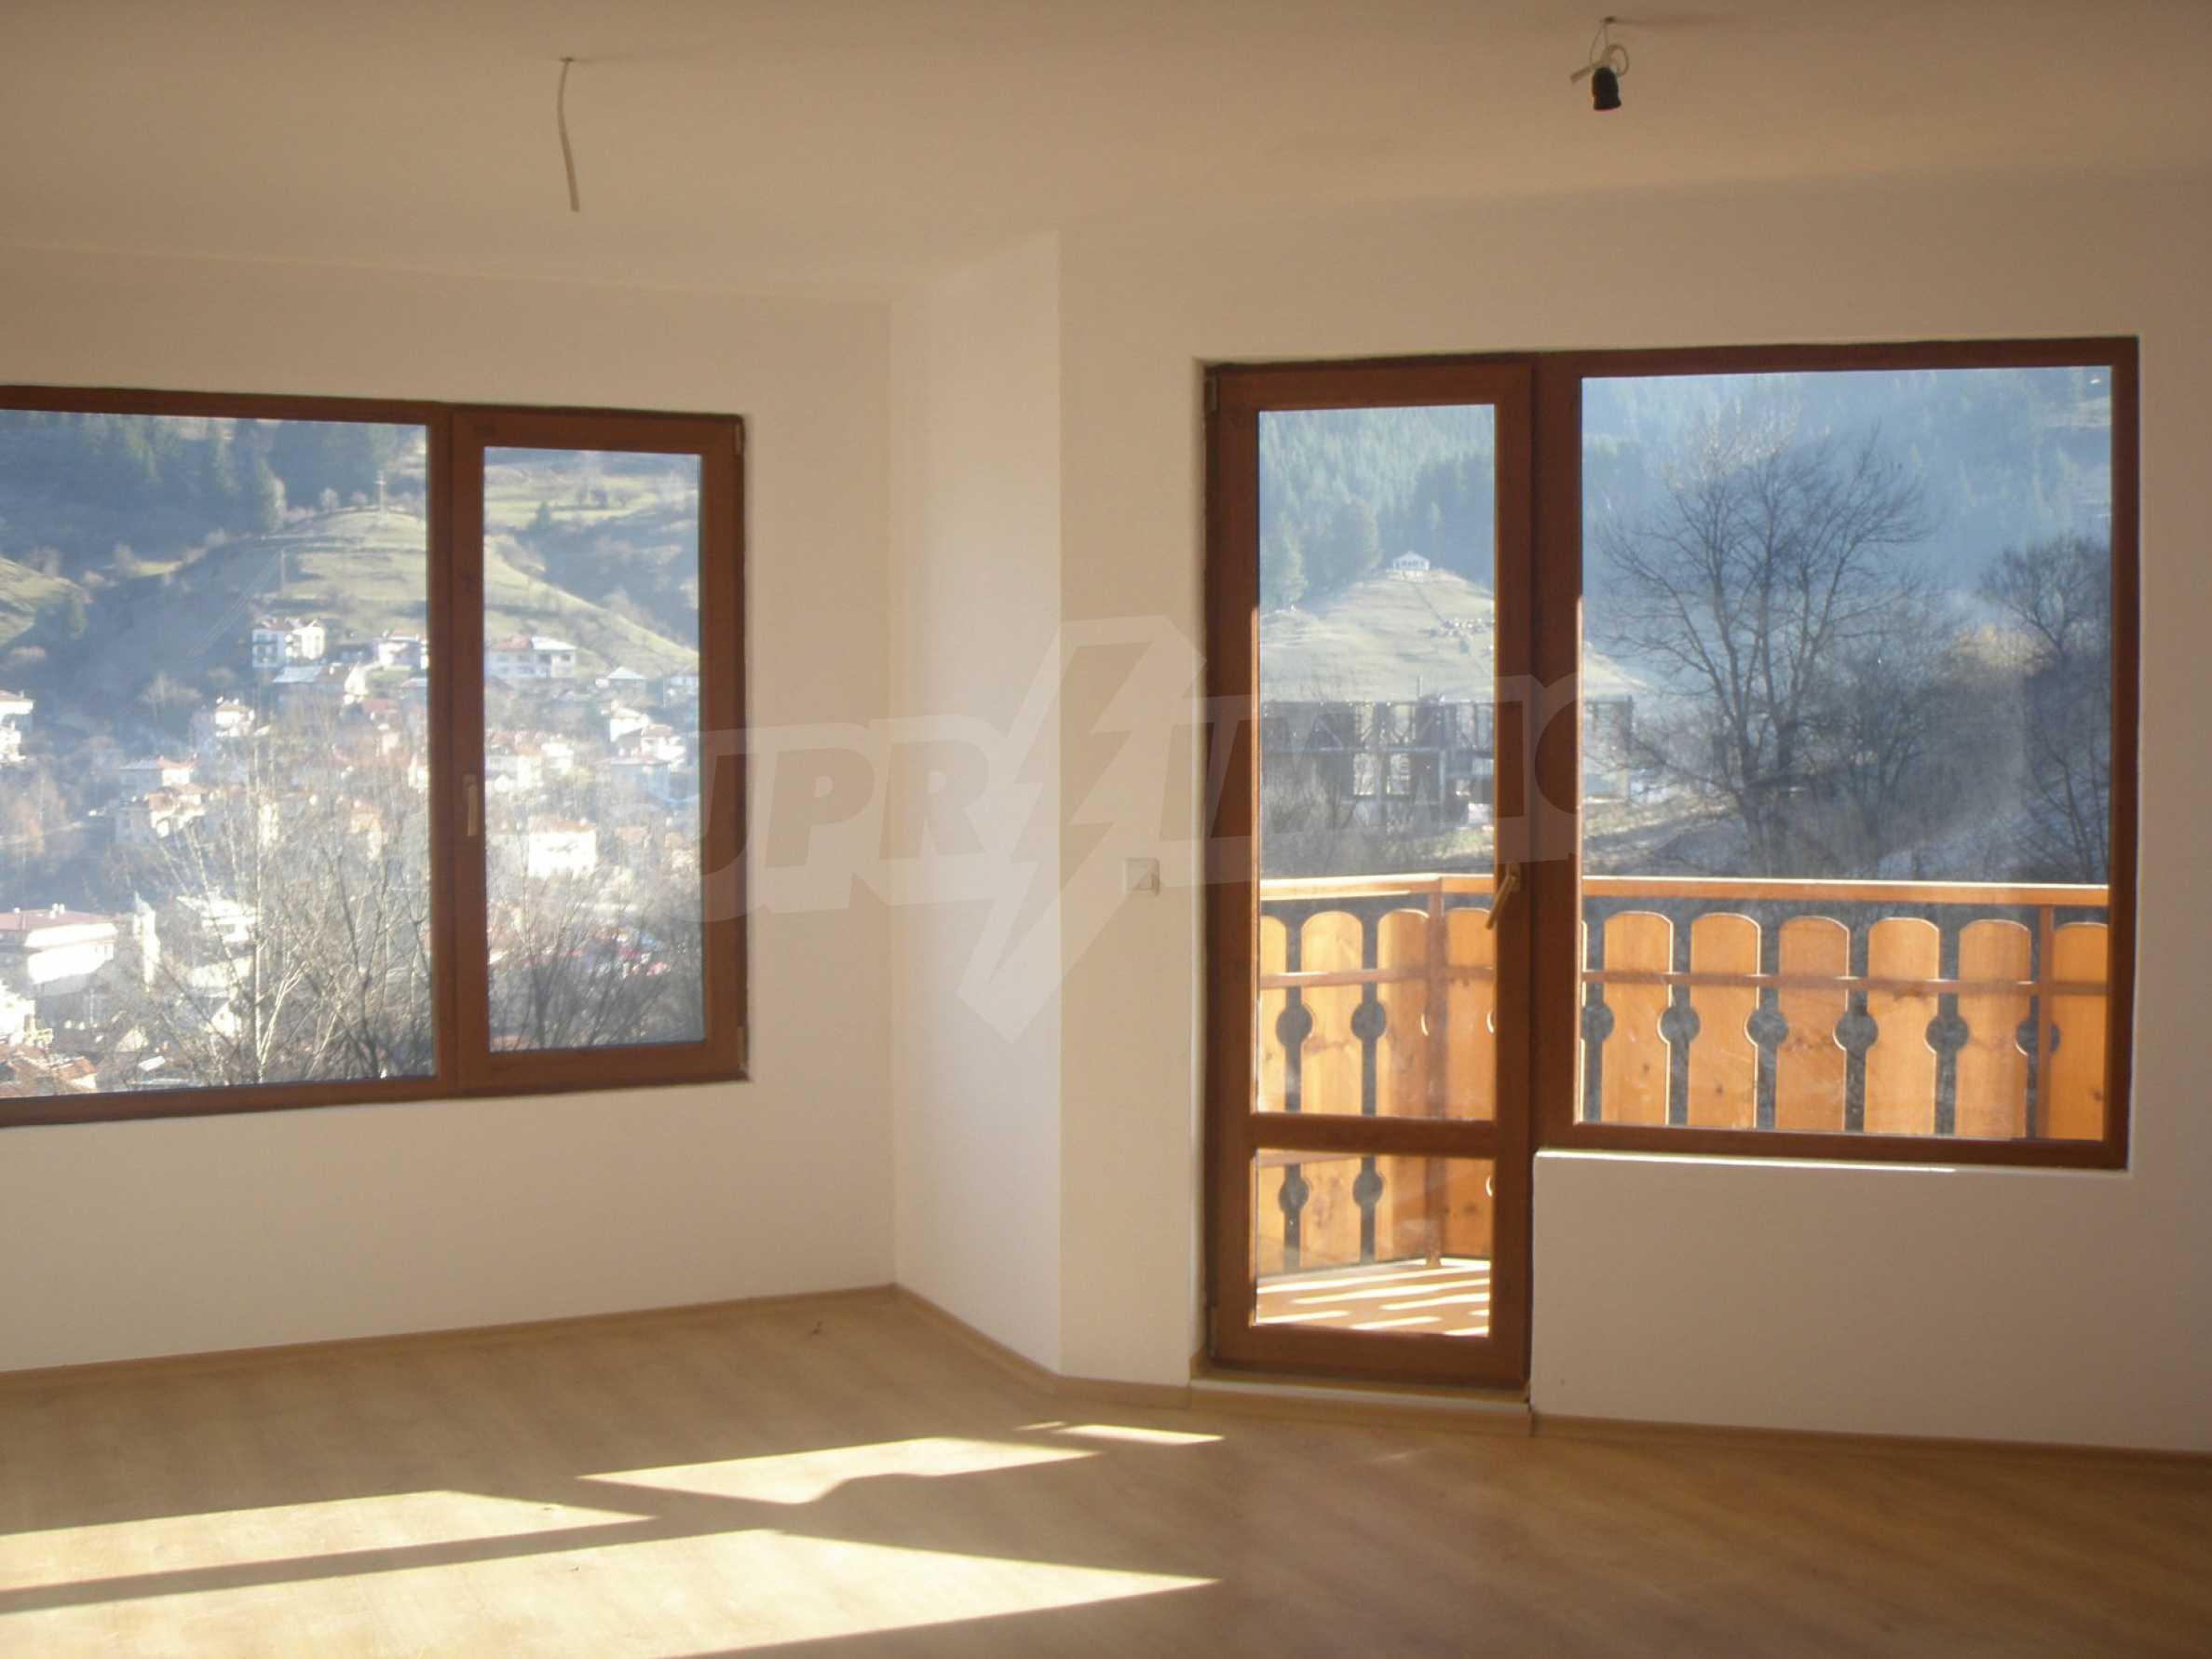 Ваканционни апартаменти без такса поддръжка, на 5 мин от ски писта в Чепеларе 8